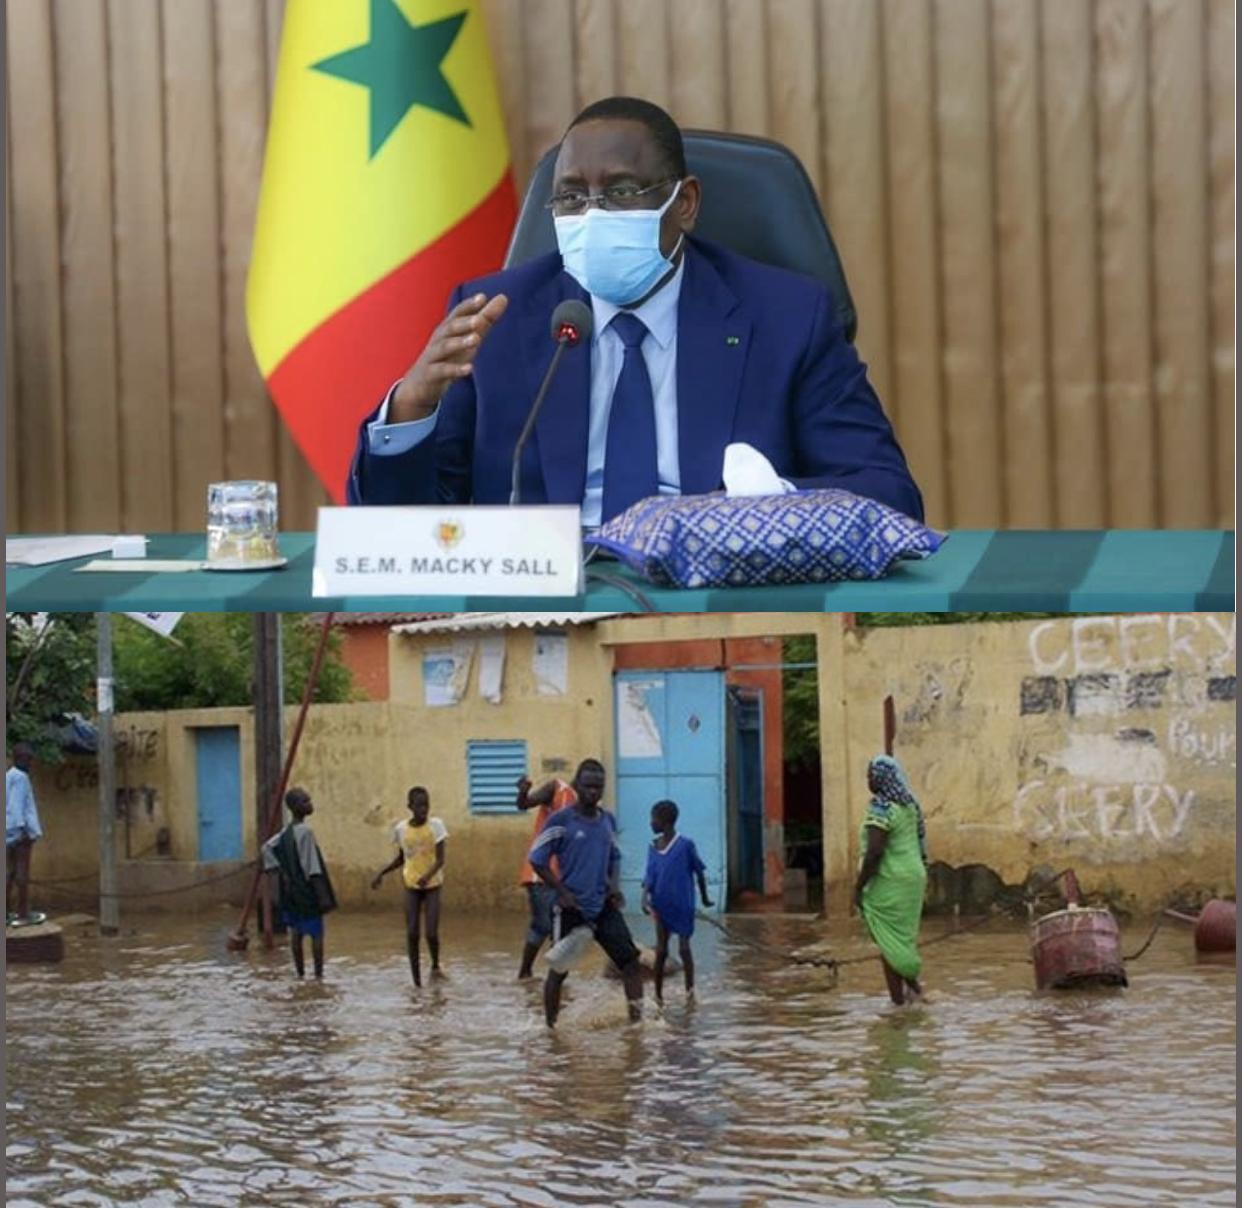 #Inondations - Macky accuse les changements climatiques, défend son Plan décennal et appelle les Sénégalais «à s'adapter»